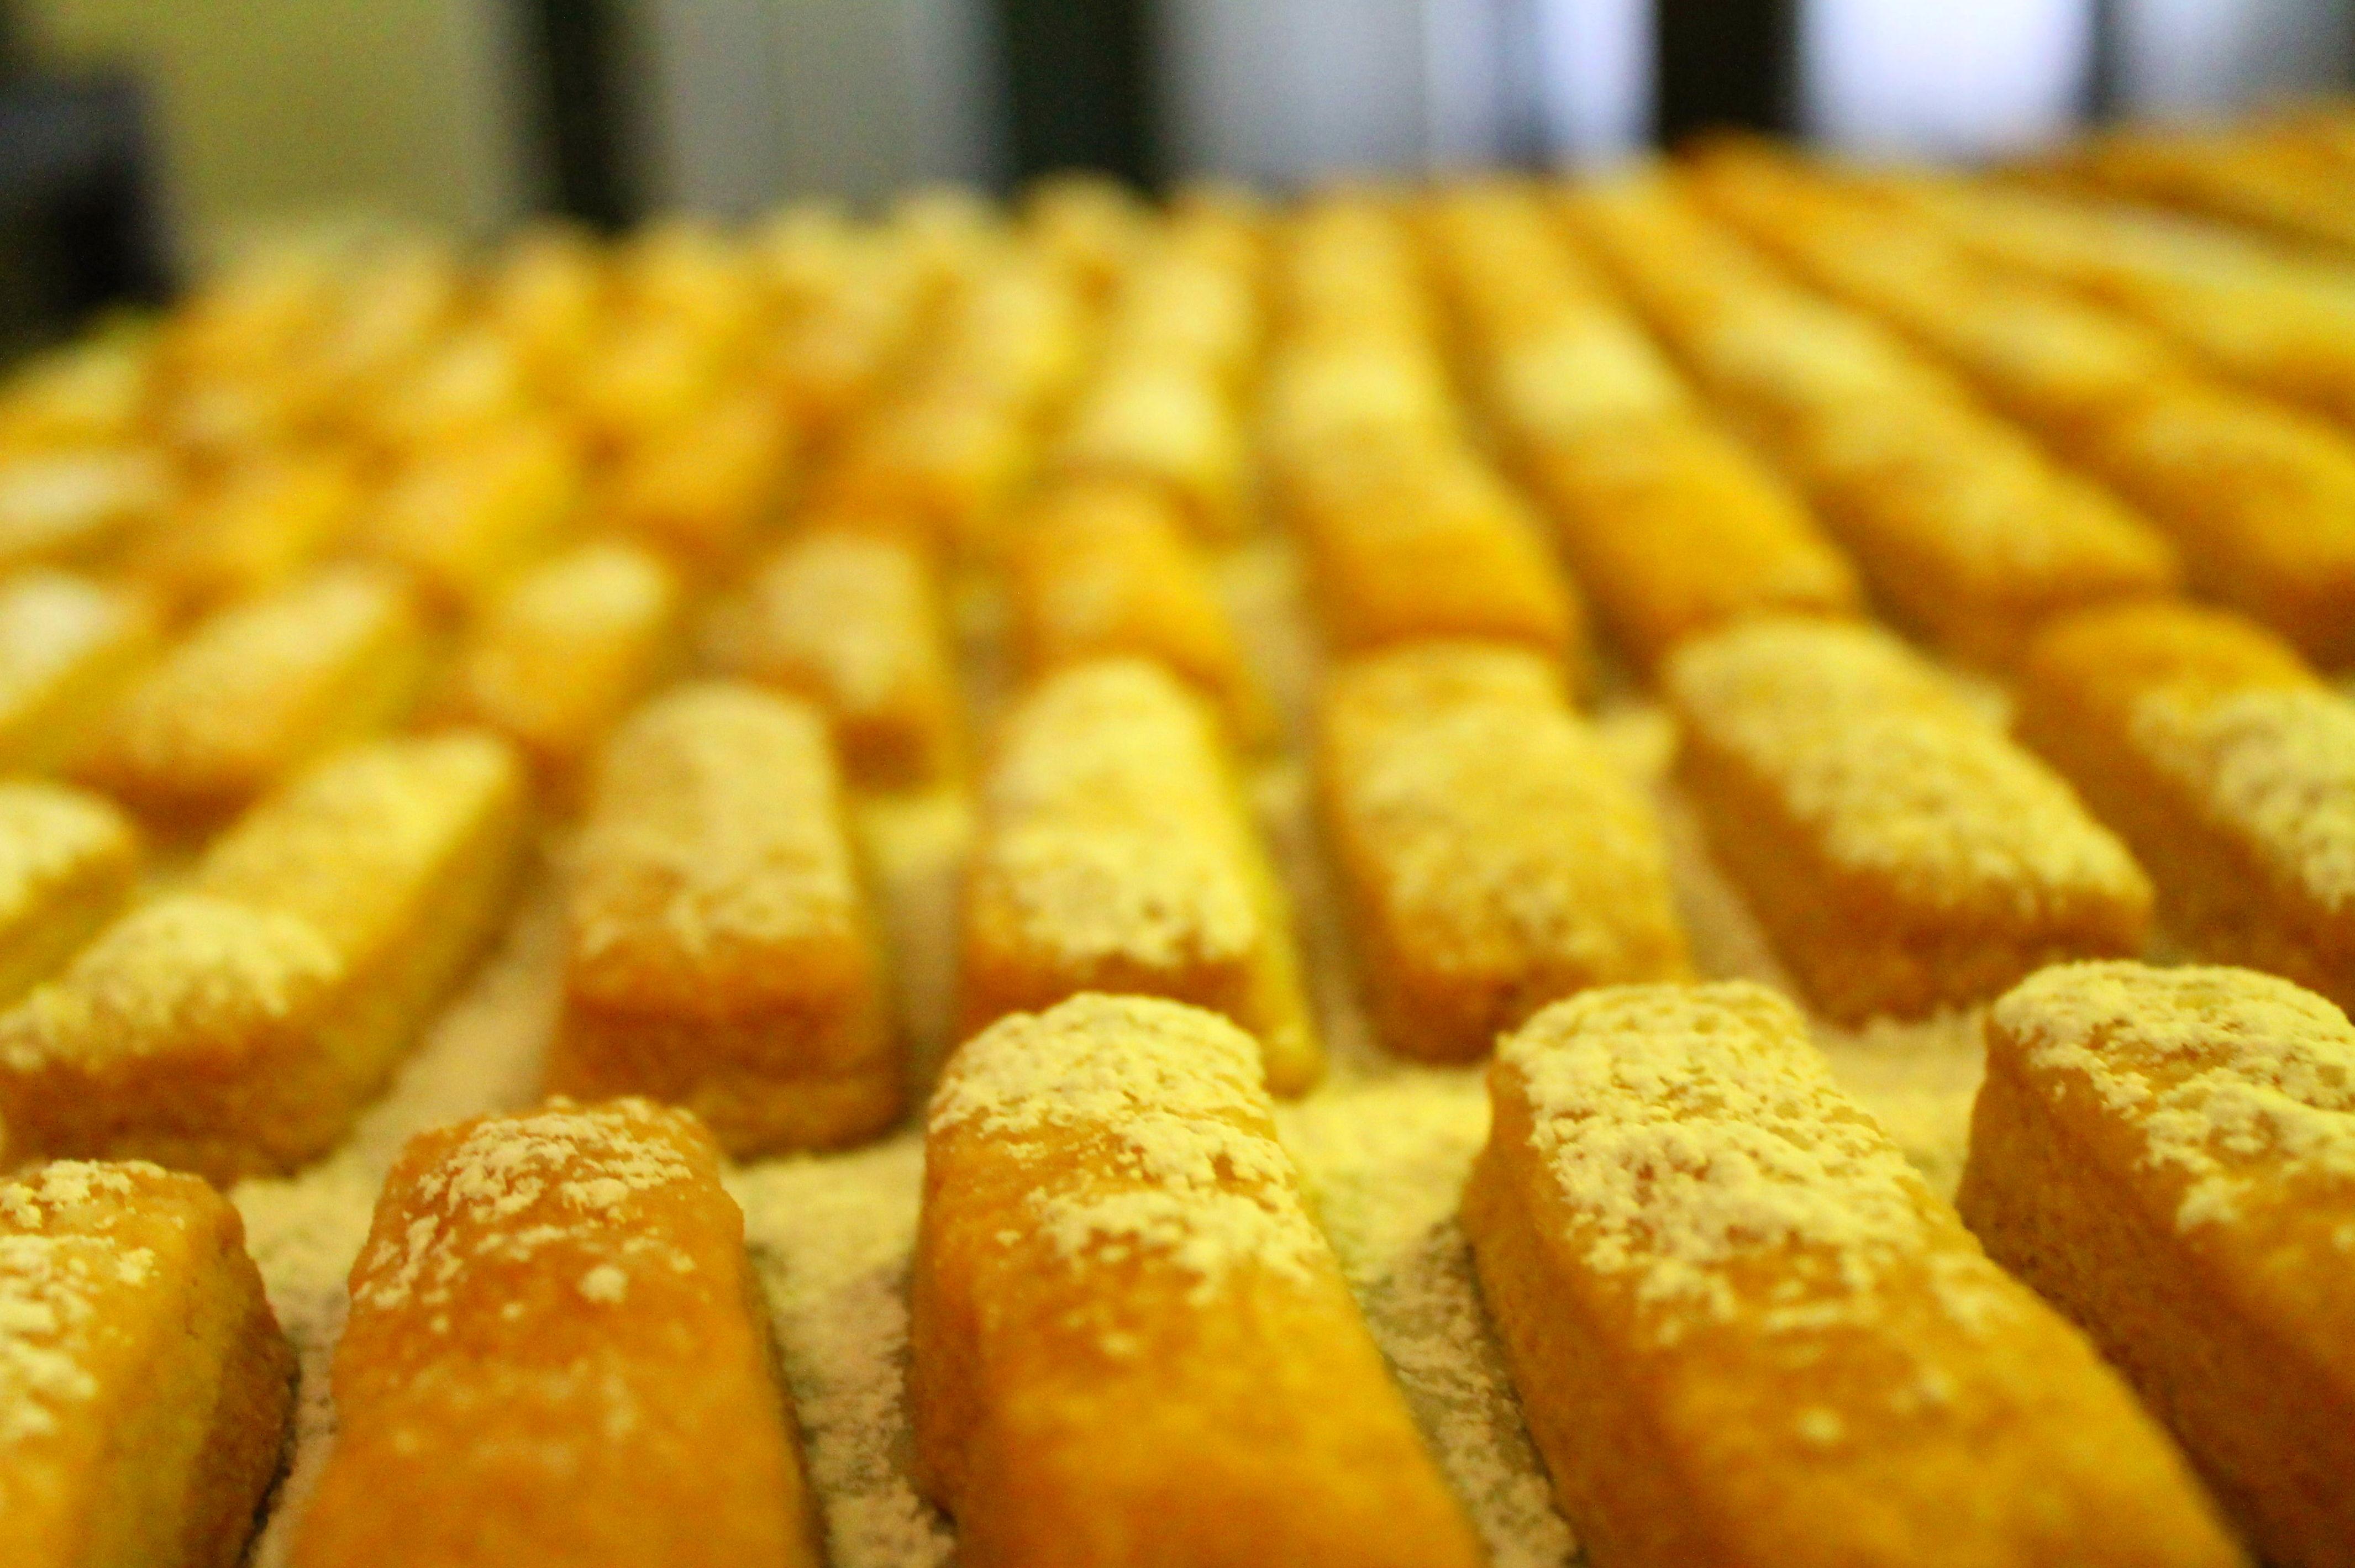 Foto 46 de Obrador artesano con amplia variedad de panes en Jaén | Panaderías y Confiterías Rodríguez